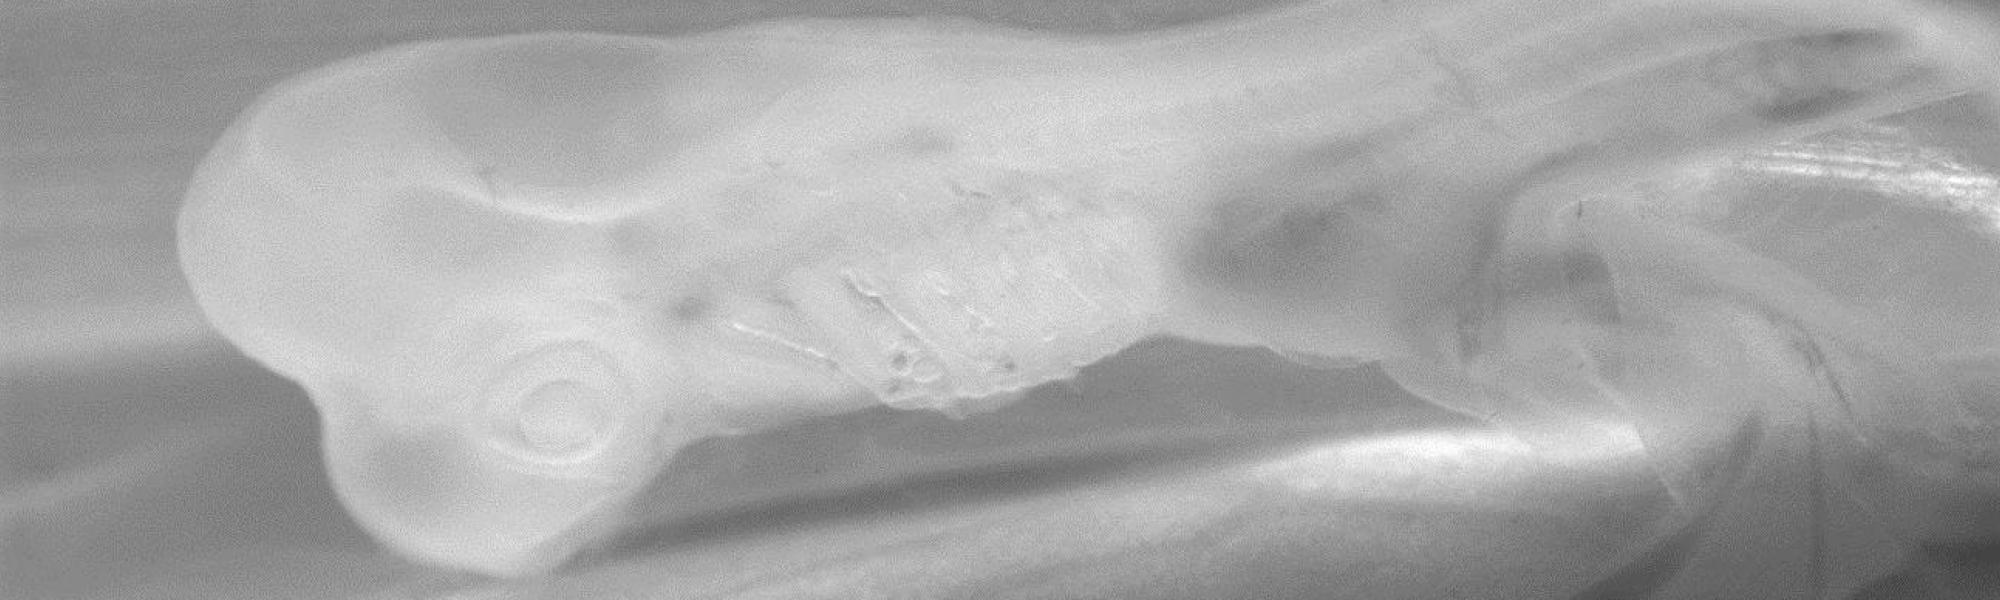 """Embryon de petite roussette, Scyliorhinus canicula"""". Photo Aude Gautier"""